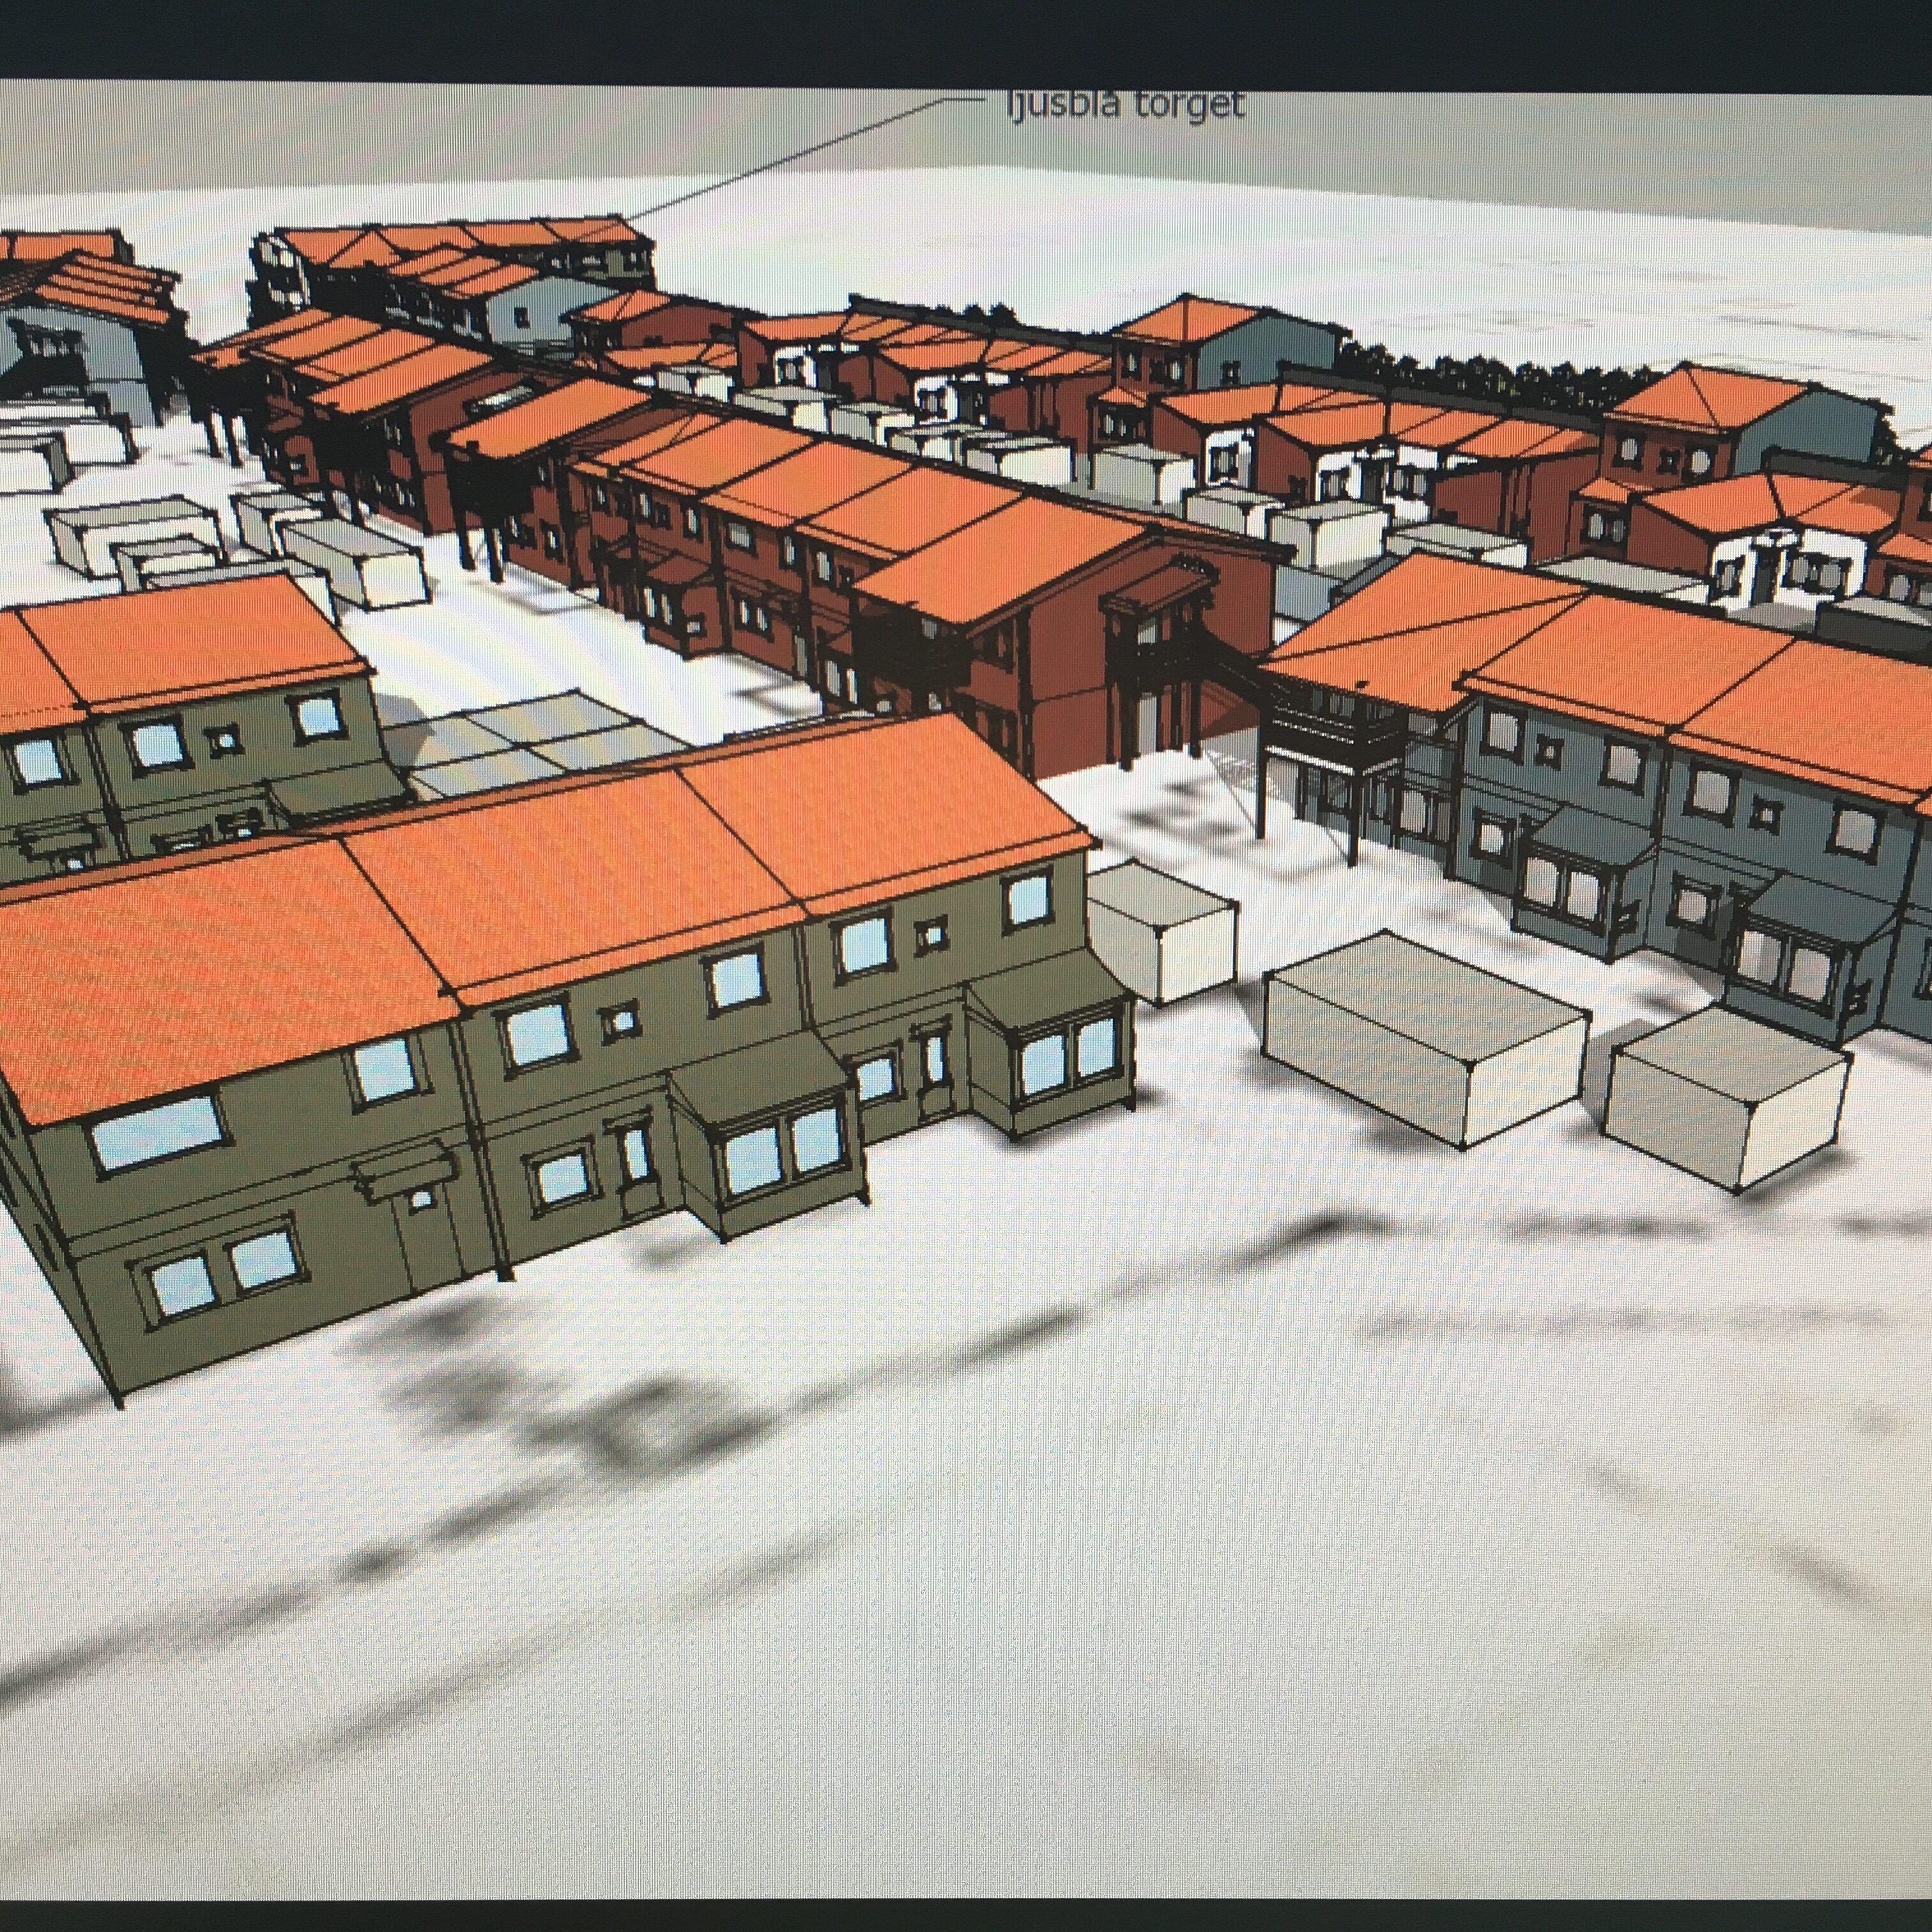 Färgsättning bostasdprojekt Erskine hus Ekerö